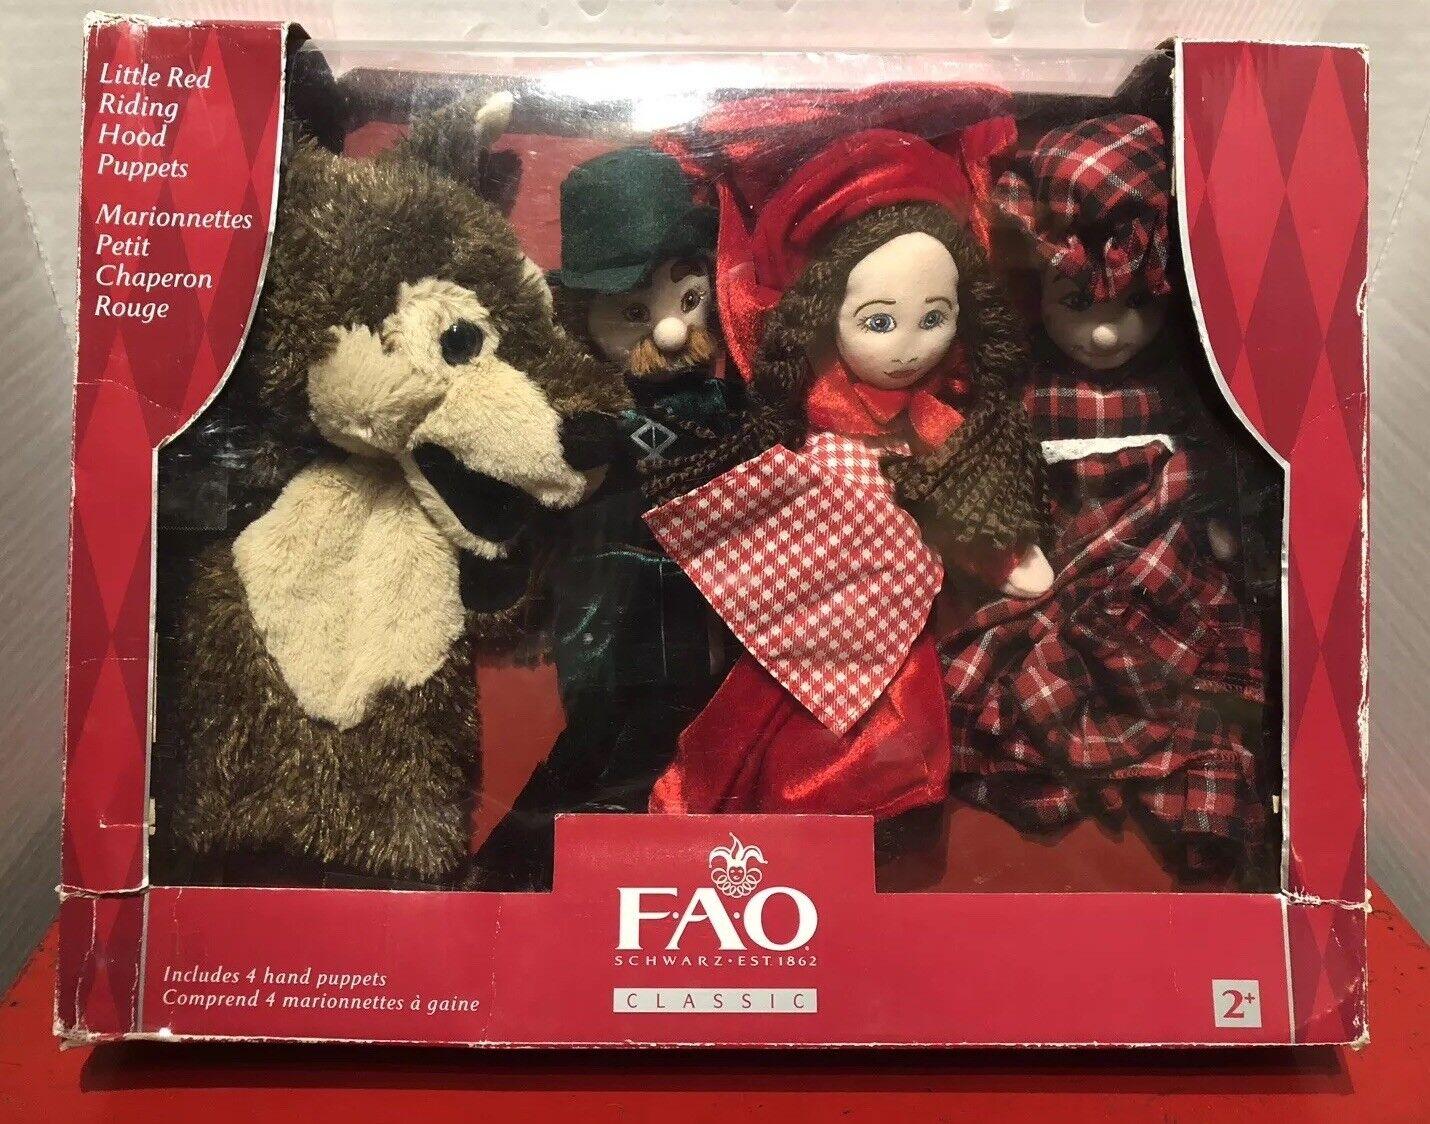 FAO Schwarz Hand Puppets - Little ROT Riding Hood Set of 4 New